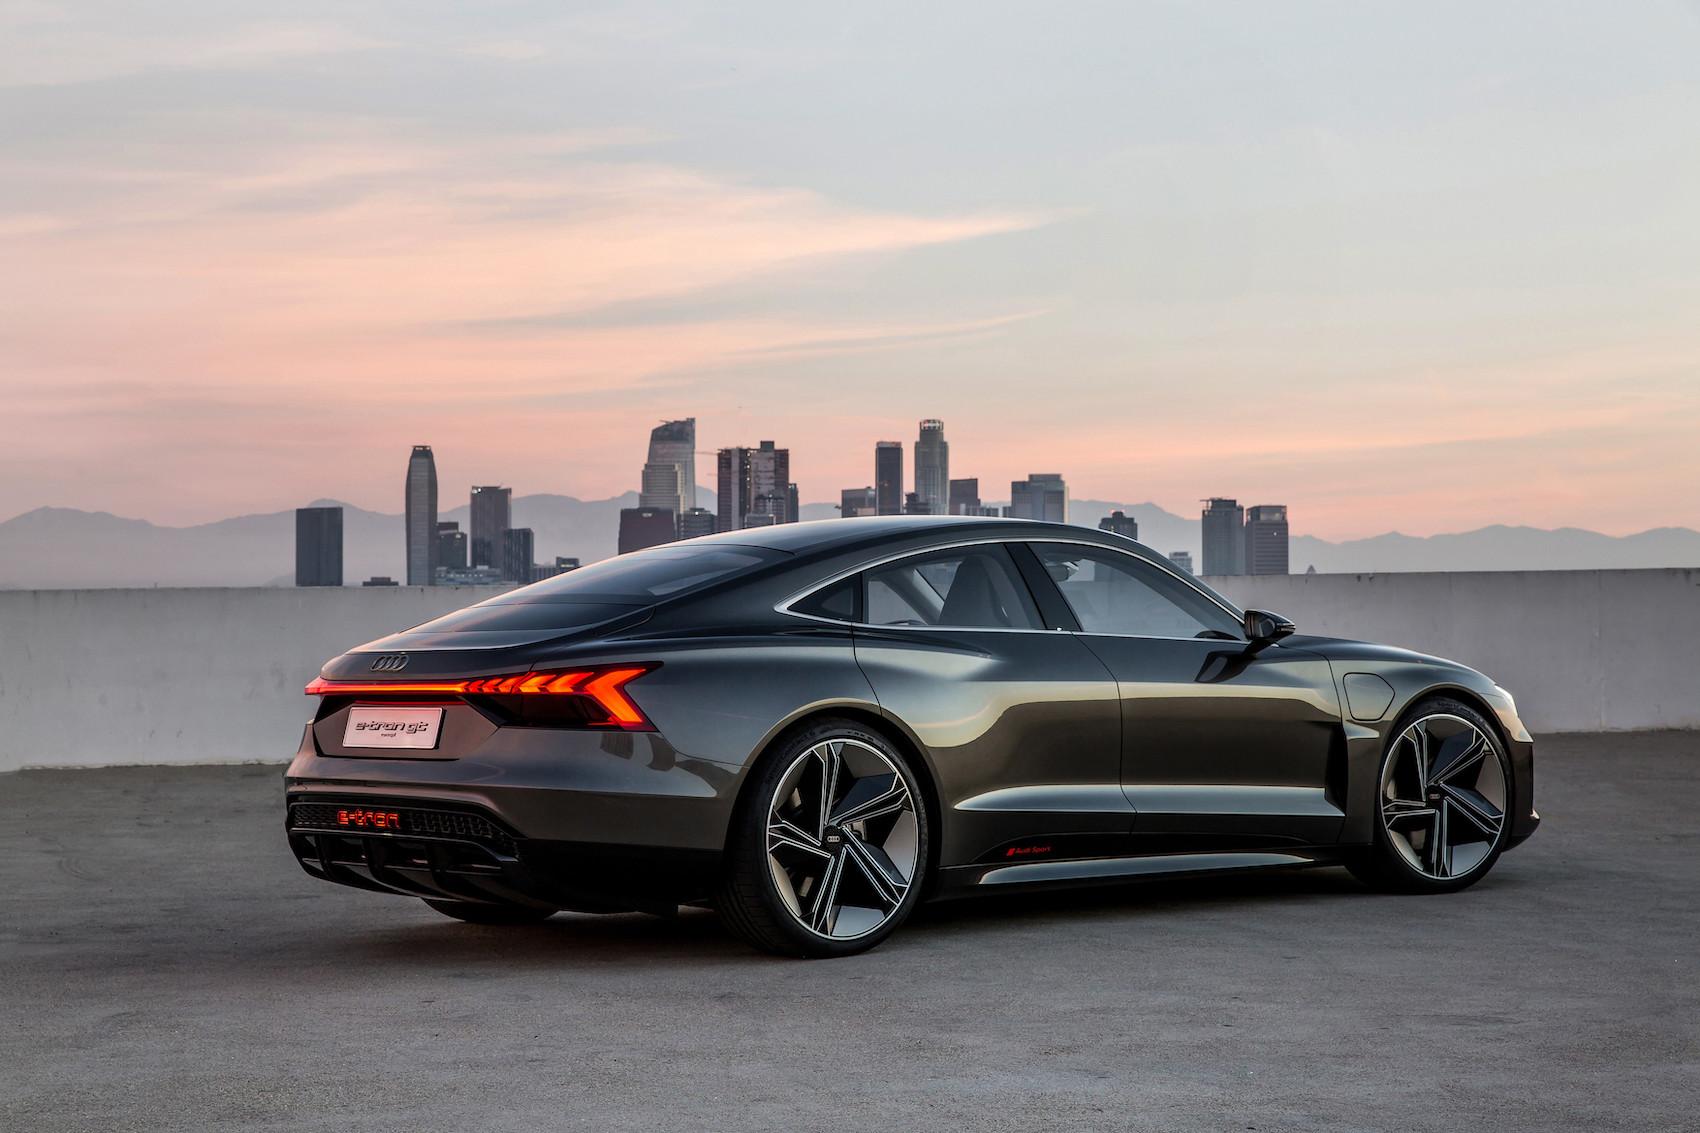 Die Leuchtband am Heck zeigt: Hier fährt ein Auto aus der e-tron-Reihe. (Audi)